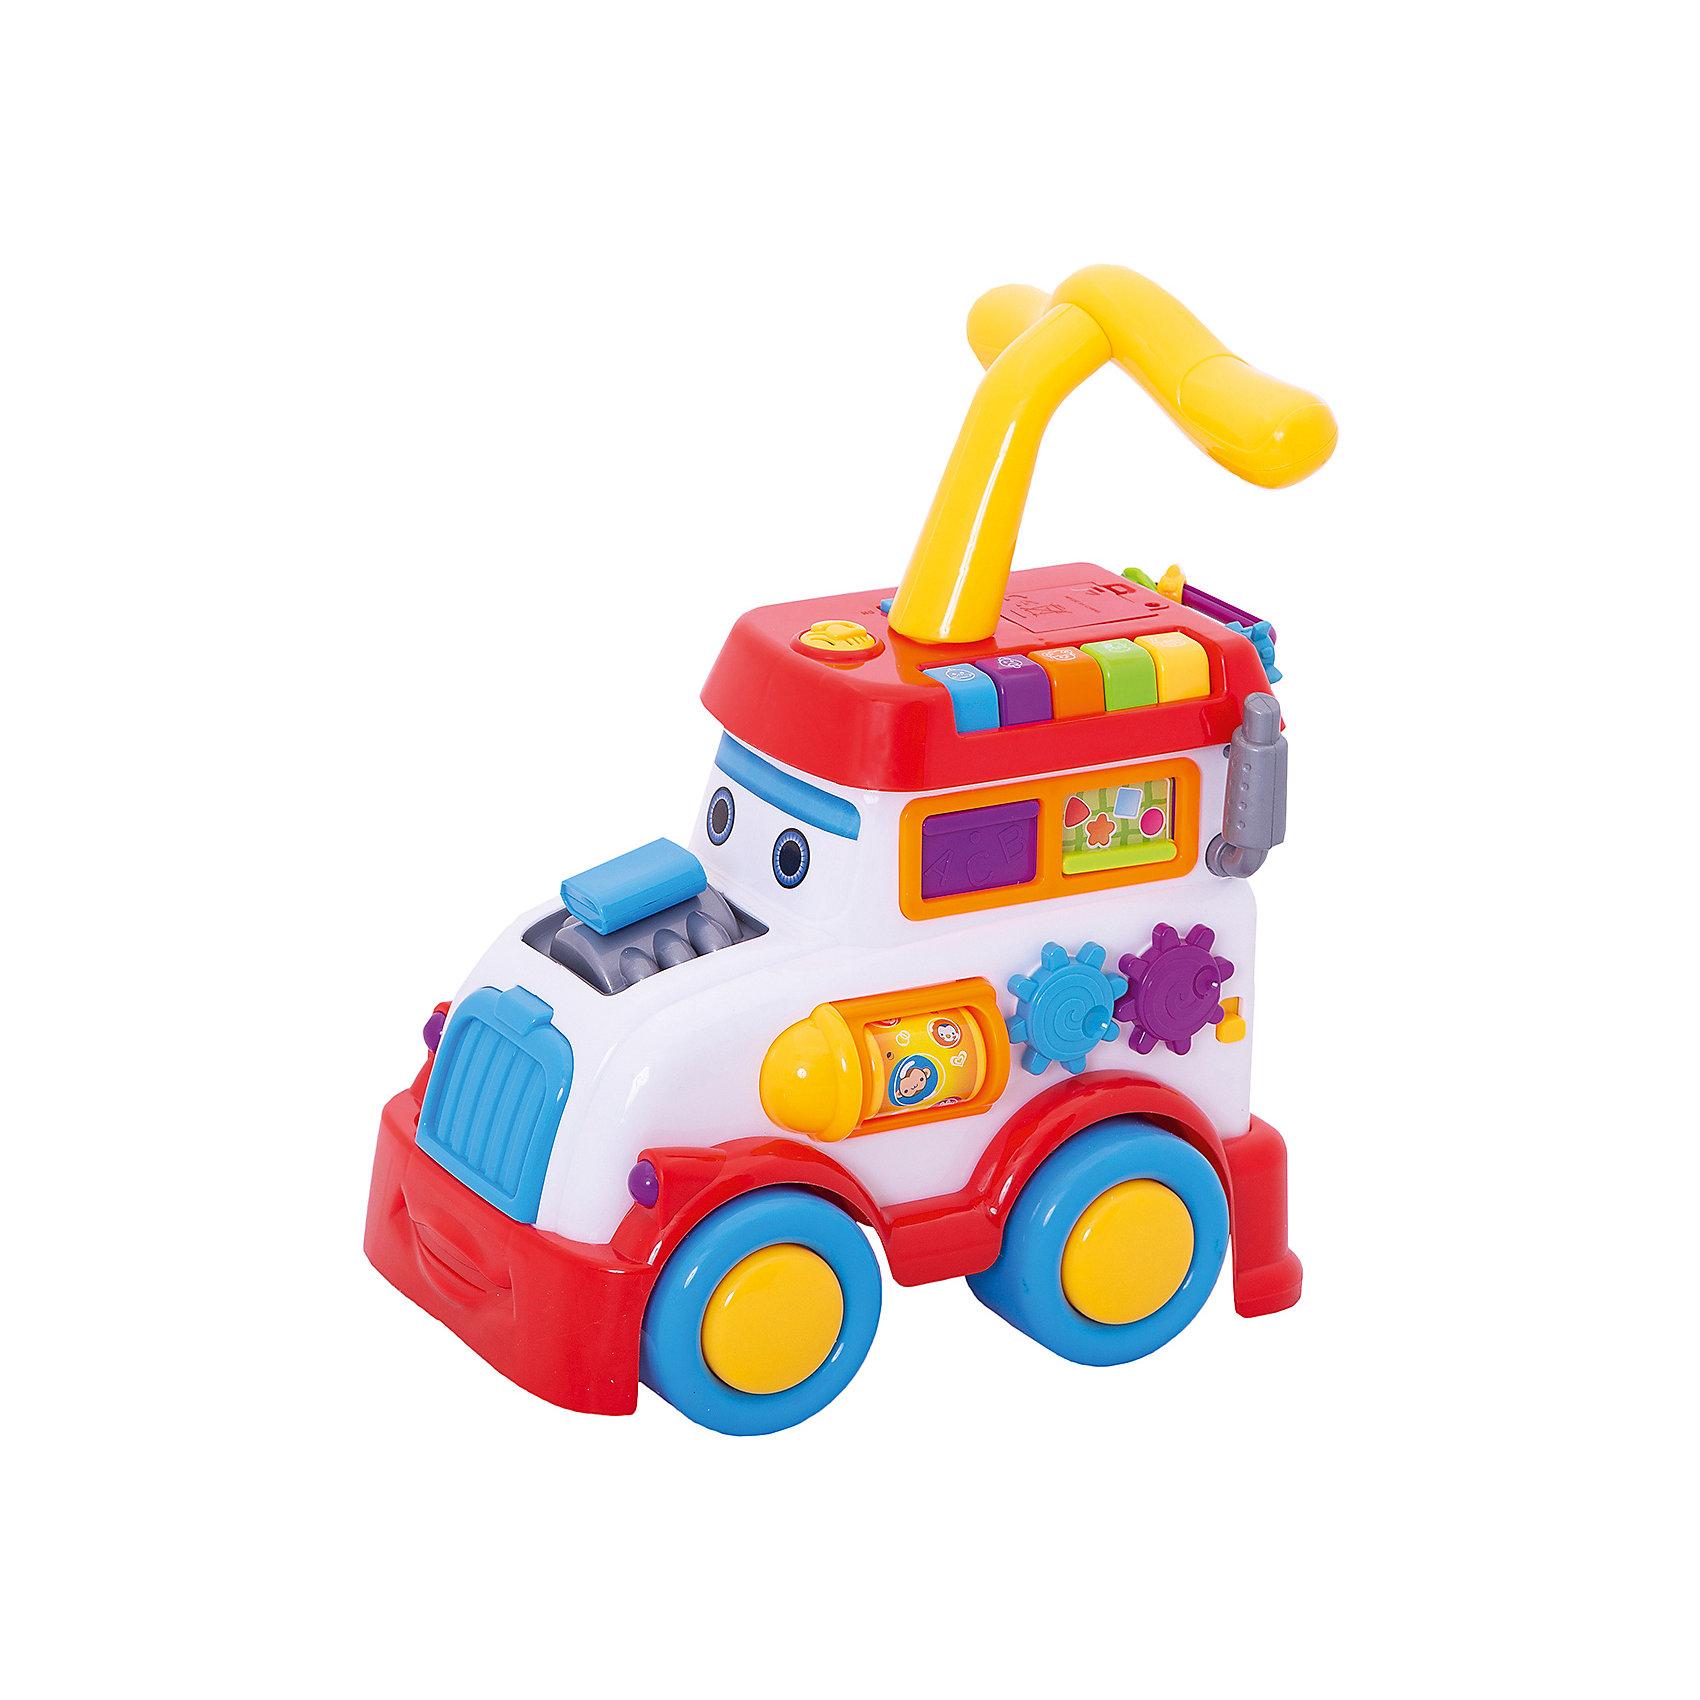 Каталка Паровоз, со звуком, Shantou GepaiКаталка Паровоз, со звуком, Shantou Gepai – это веселый паровозик, с которым так удобно ходить! Ребенок может опираться на удобную ручку паровозика и передвигаться вместе с ним. Этот многофункциональный паровозик имеет много цветных кнопочек, которые издают звуки наиболее популярных видов транспорта (машин, вертолета, паровоза) и звуки зверей (уточки, курочки, коровки, собачки), а вместо пара у паровозика разноцветные маленькие шарики. С этой каталкой малыш сможет развить навыки координации движения и навыки управления.<br><br>Дополнительная информация:<br><br>- В комплект входит: 1 каталка<br>- Материал: АБС пластик<br>- Размер: 43 * 25 * 30 см<br>- Необходимы четыре батарейки типа АА (не входят в комплект)<br><br>Каталку Паровоз, со звуком, Shantou Gepai можно купить в нашем интернет-магазине.<br><br>Подробнее:<br>• Для детей в возрасте: от 3 лет<br>• Номер товара: 4925515<br>Страна производитель: Китай<br><br>Ширина мм: 425<br>Глубина мм: 250<br>Высота мм: 295<br>Вес г: 3806<br>Возраст от месяцев: 12<br>Возраст до месяцев: 60<br>Пол: Унисекс<br>Возраст: Детский<br>SKU: 4925515